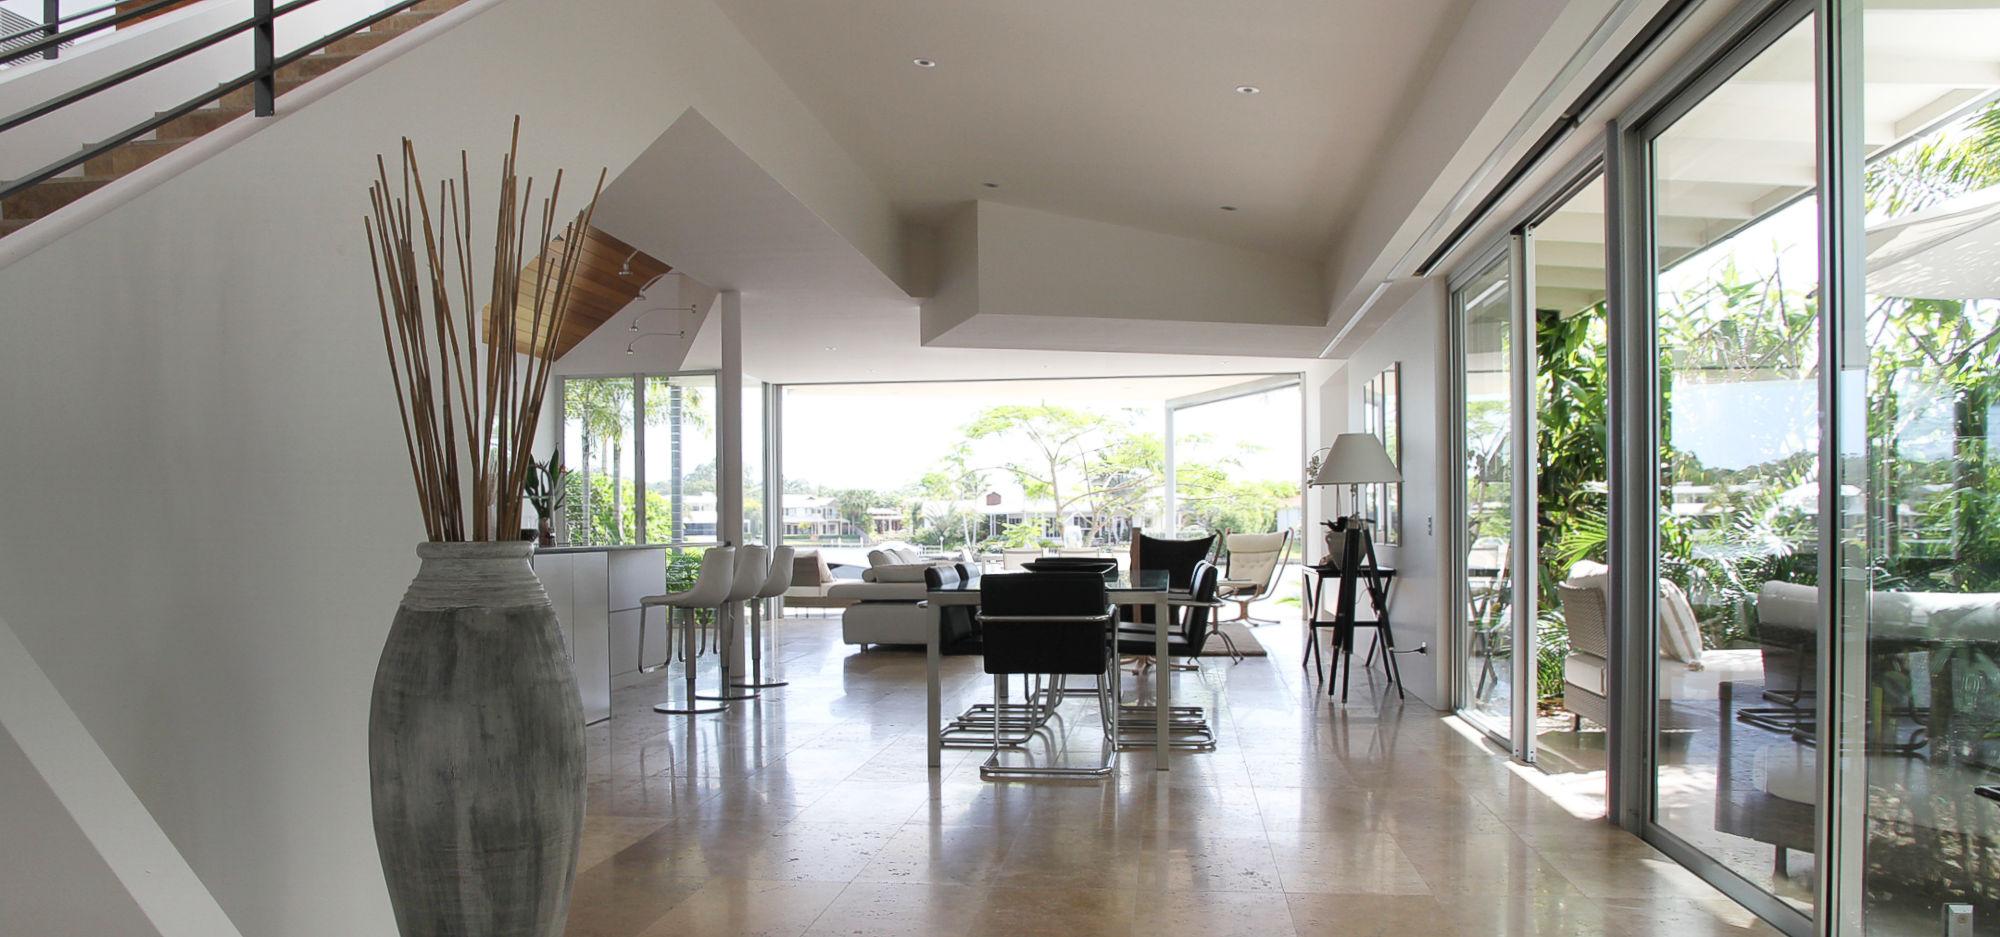 Immobilien und wohnkonzepte immobilienmakler l beck for Immobilienmakler vermietung